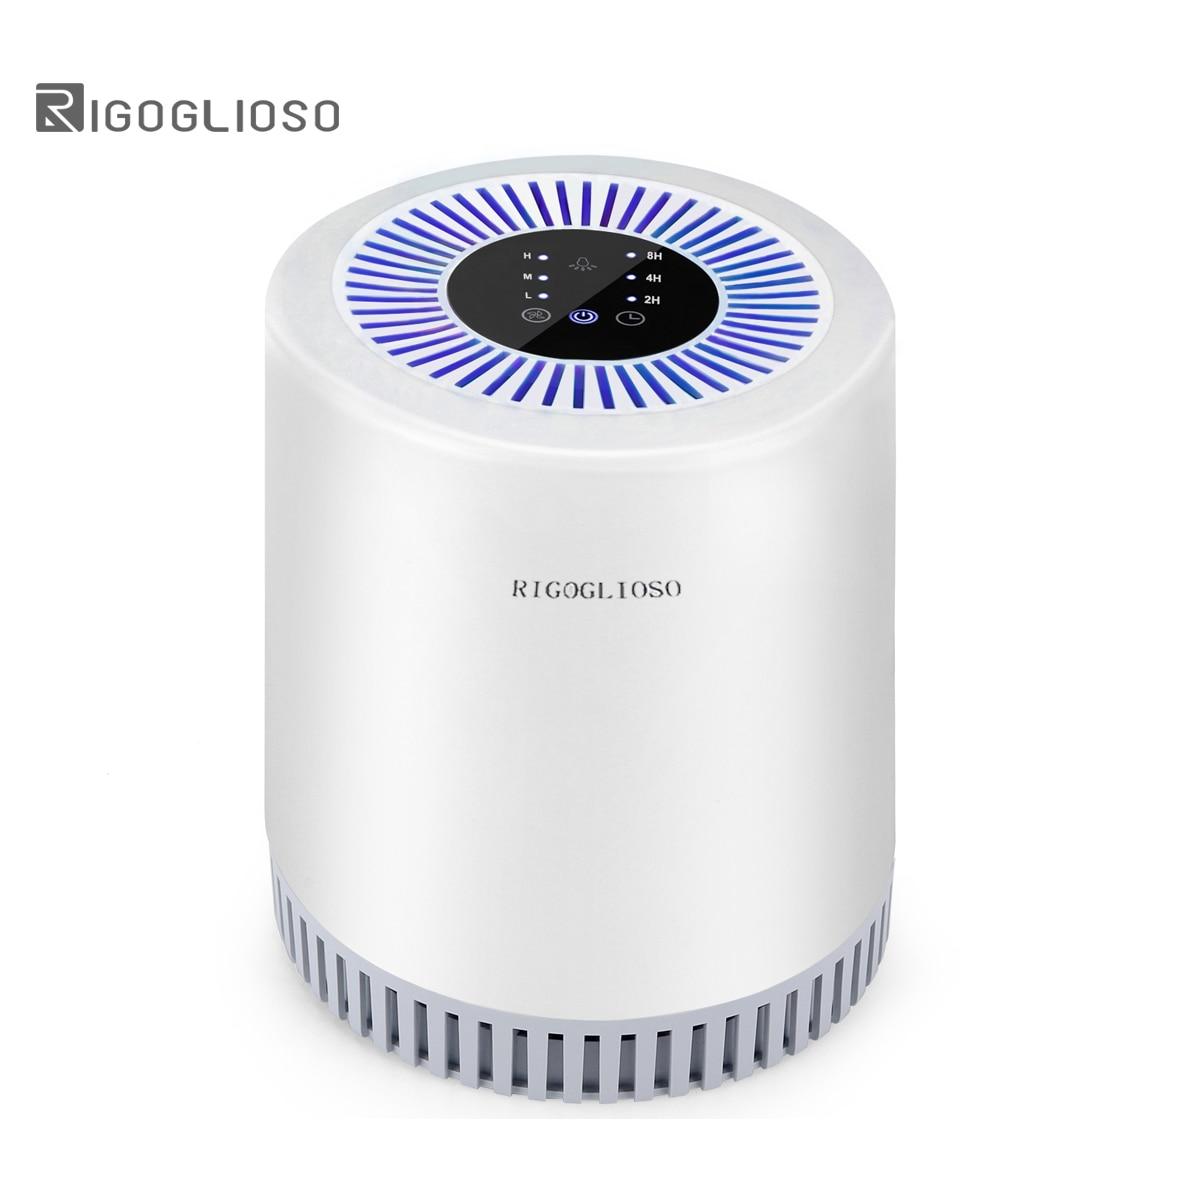 Очиститель воздуха для дома с Hepa-фильтром, малошумный автомобильный очиститель воздуха, домашние очистители воздуха очиститель воздуха s с ...